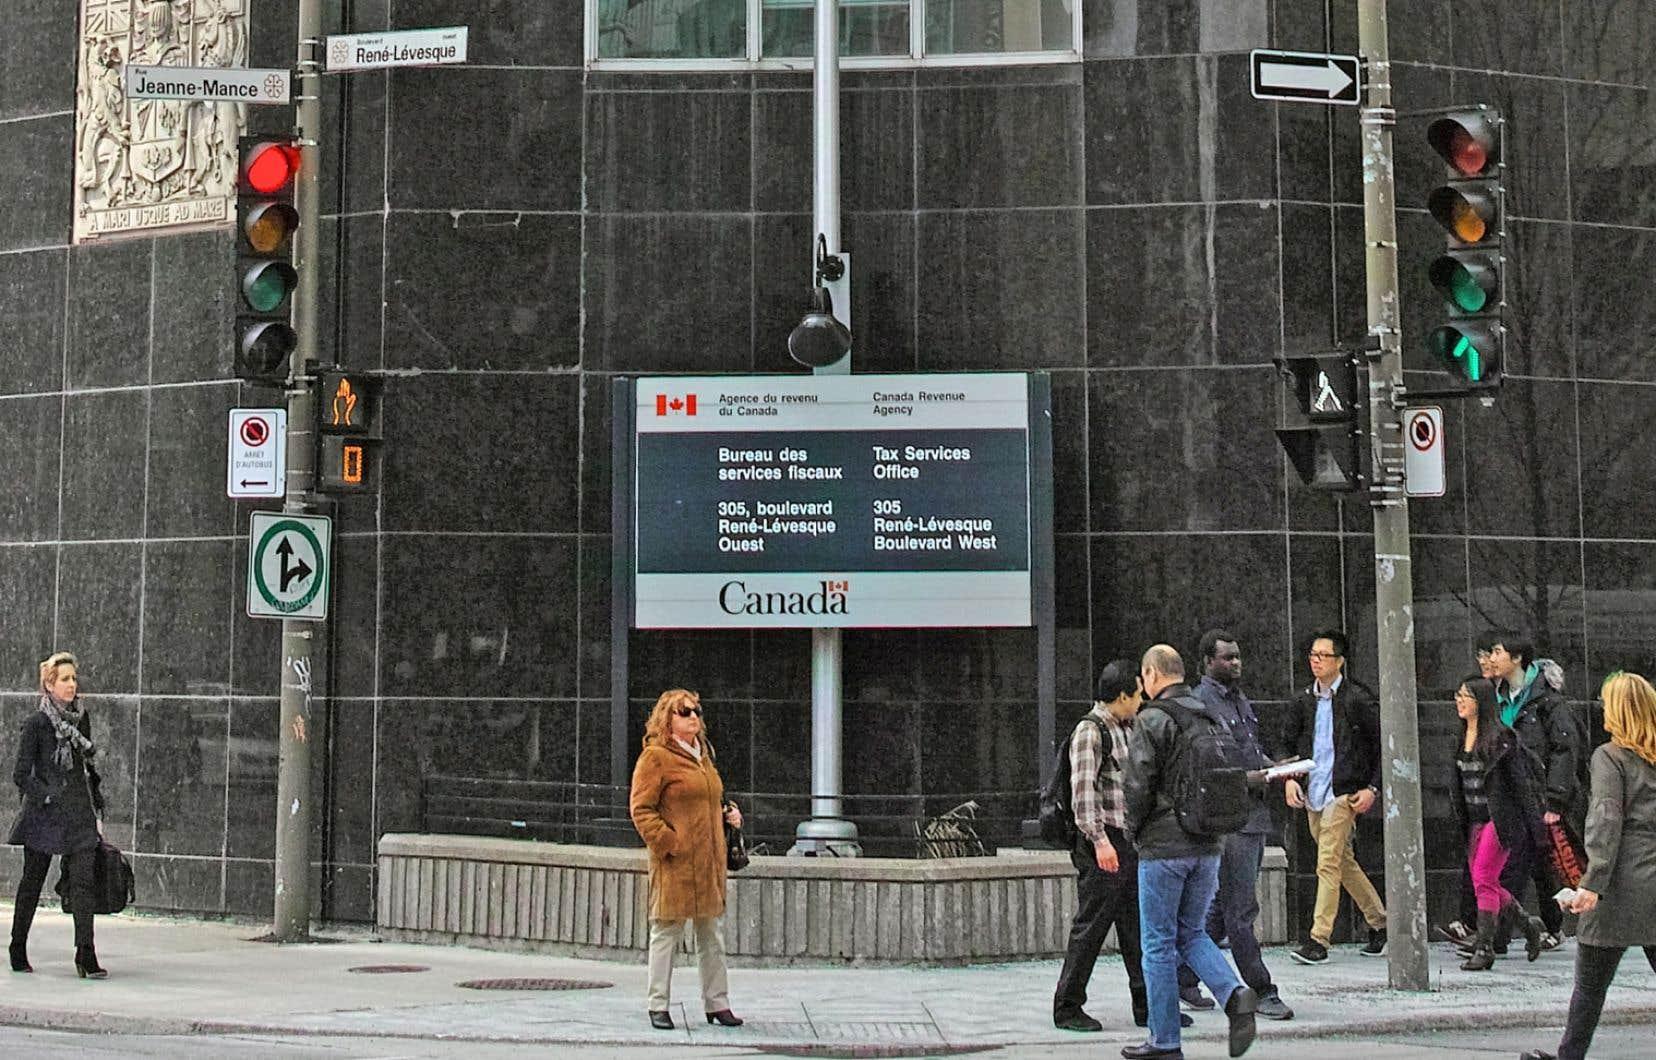 L'Agence de revenu du Canada dispose d'une équipe de 15 vérificateurs pour examiner les démarches politiques des organismes sélectionnés.